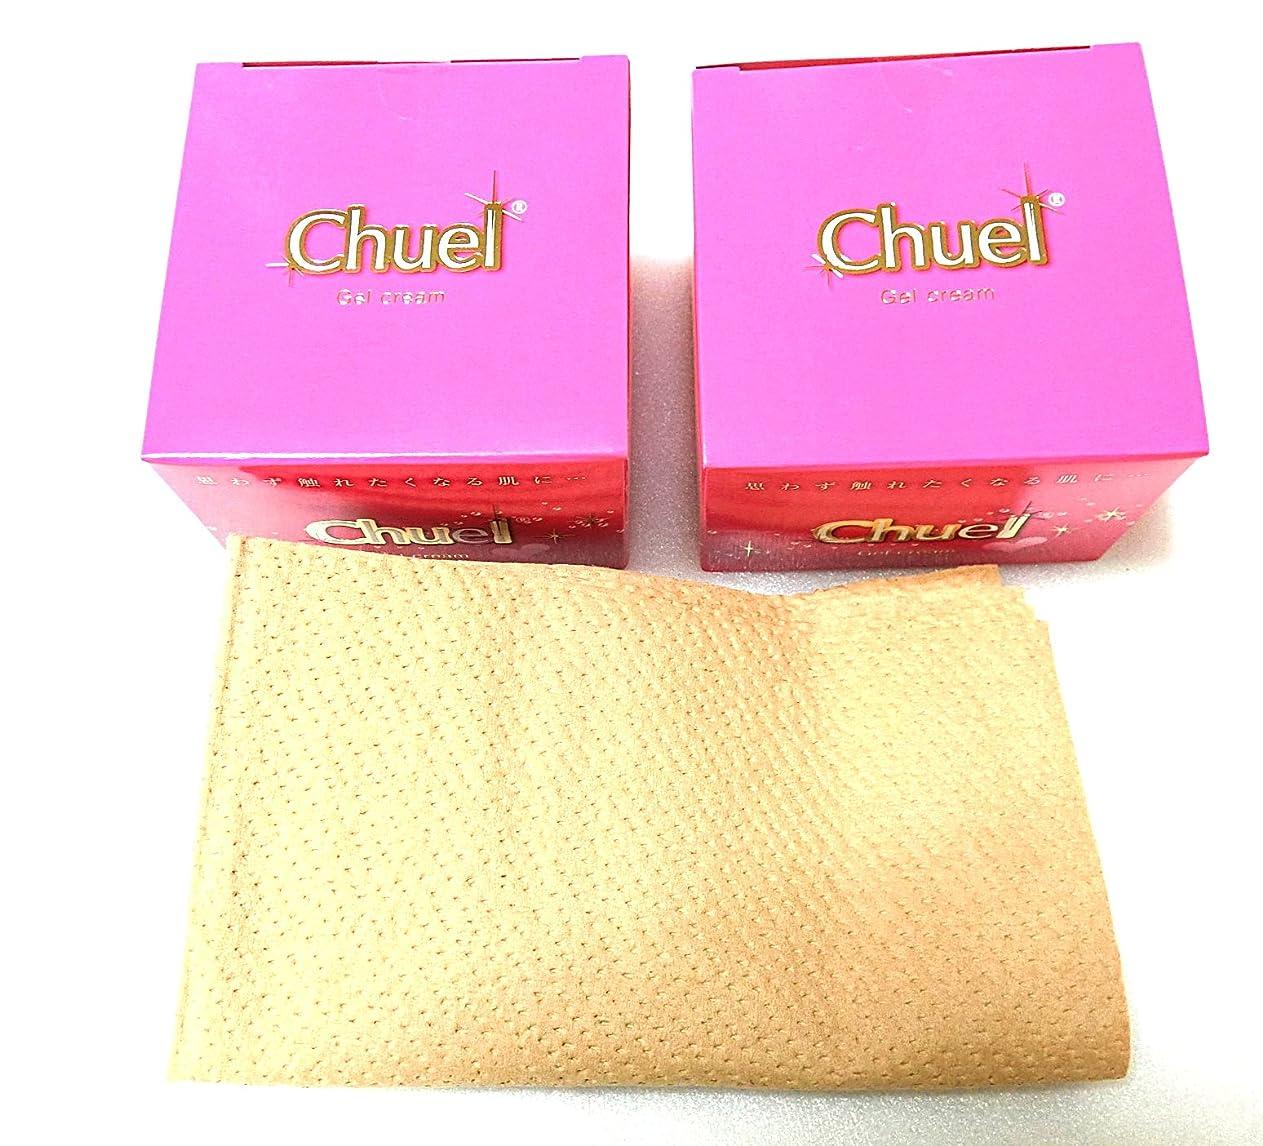 ペチコートカセット悪名高いNEW Chuel(チュエル) 増量 180g 2個セット 使い捨て紙ウエス1枚付属